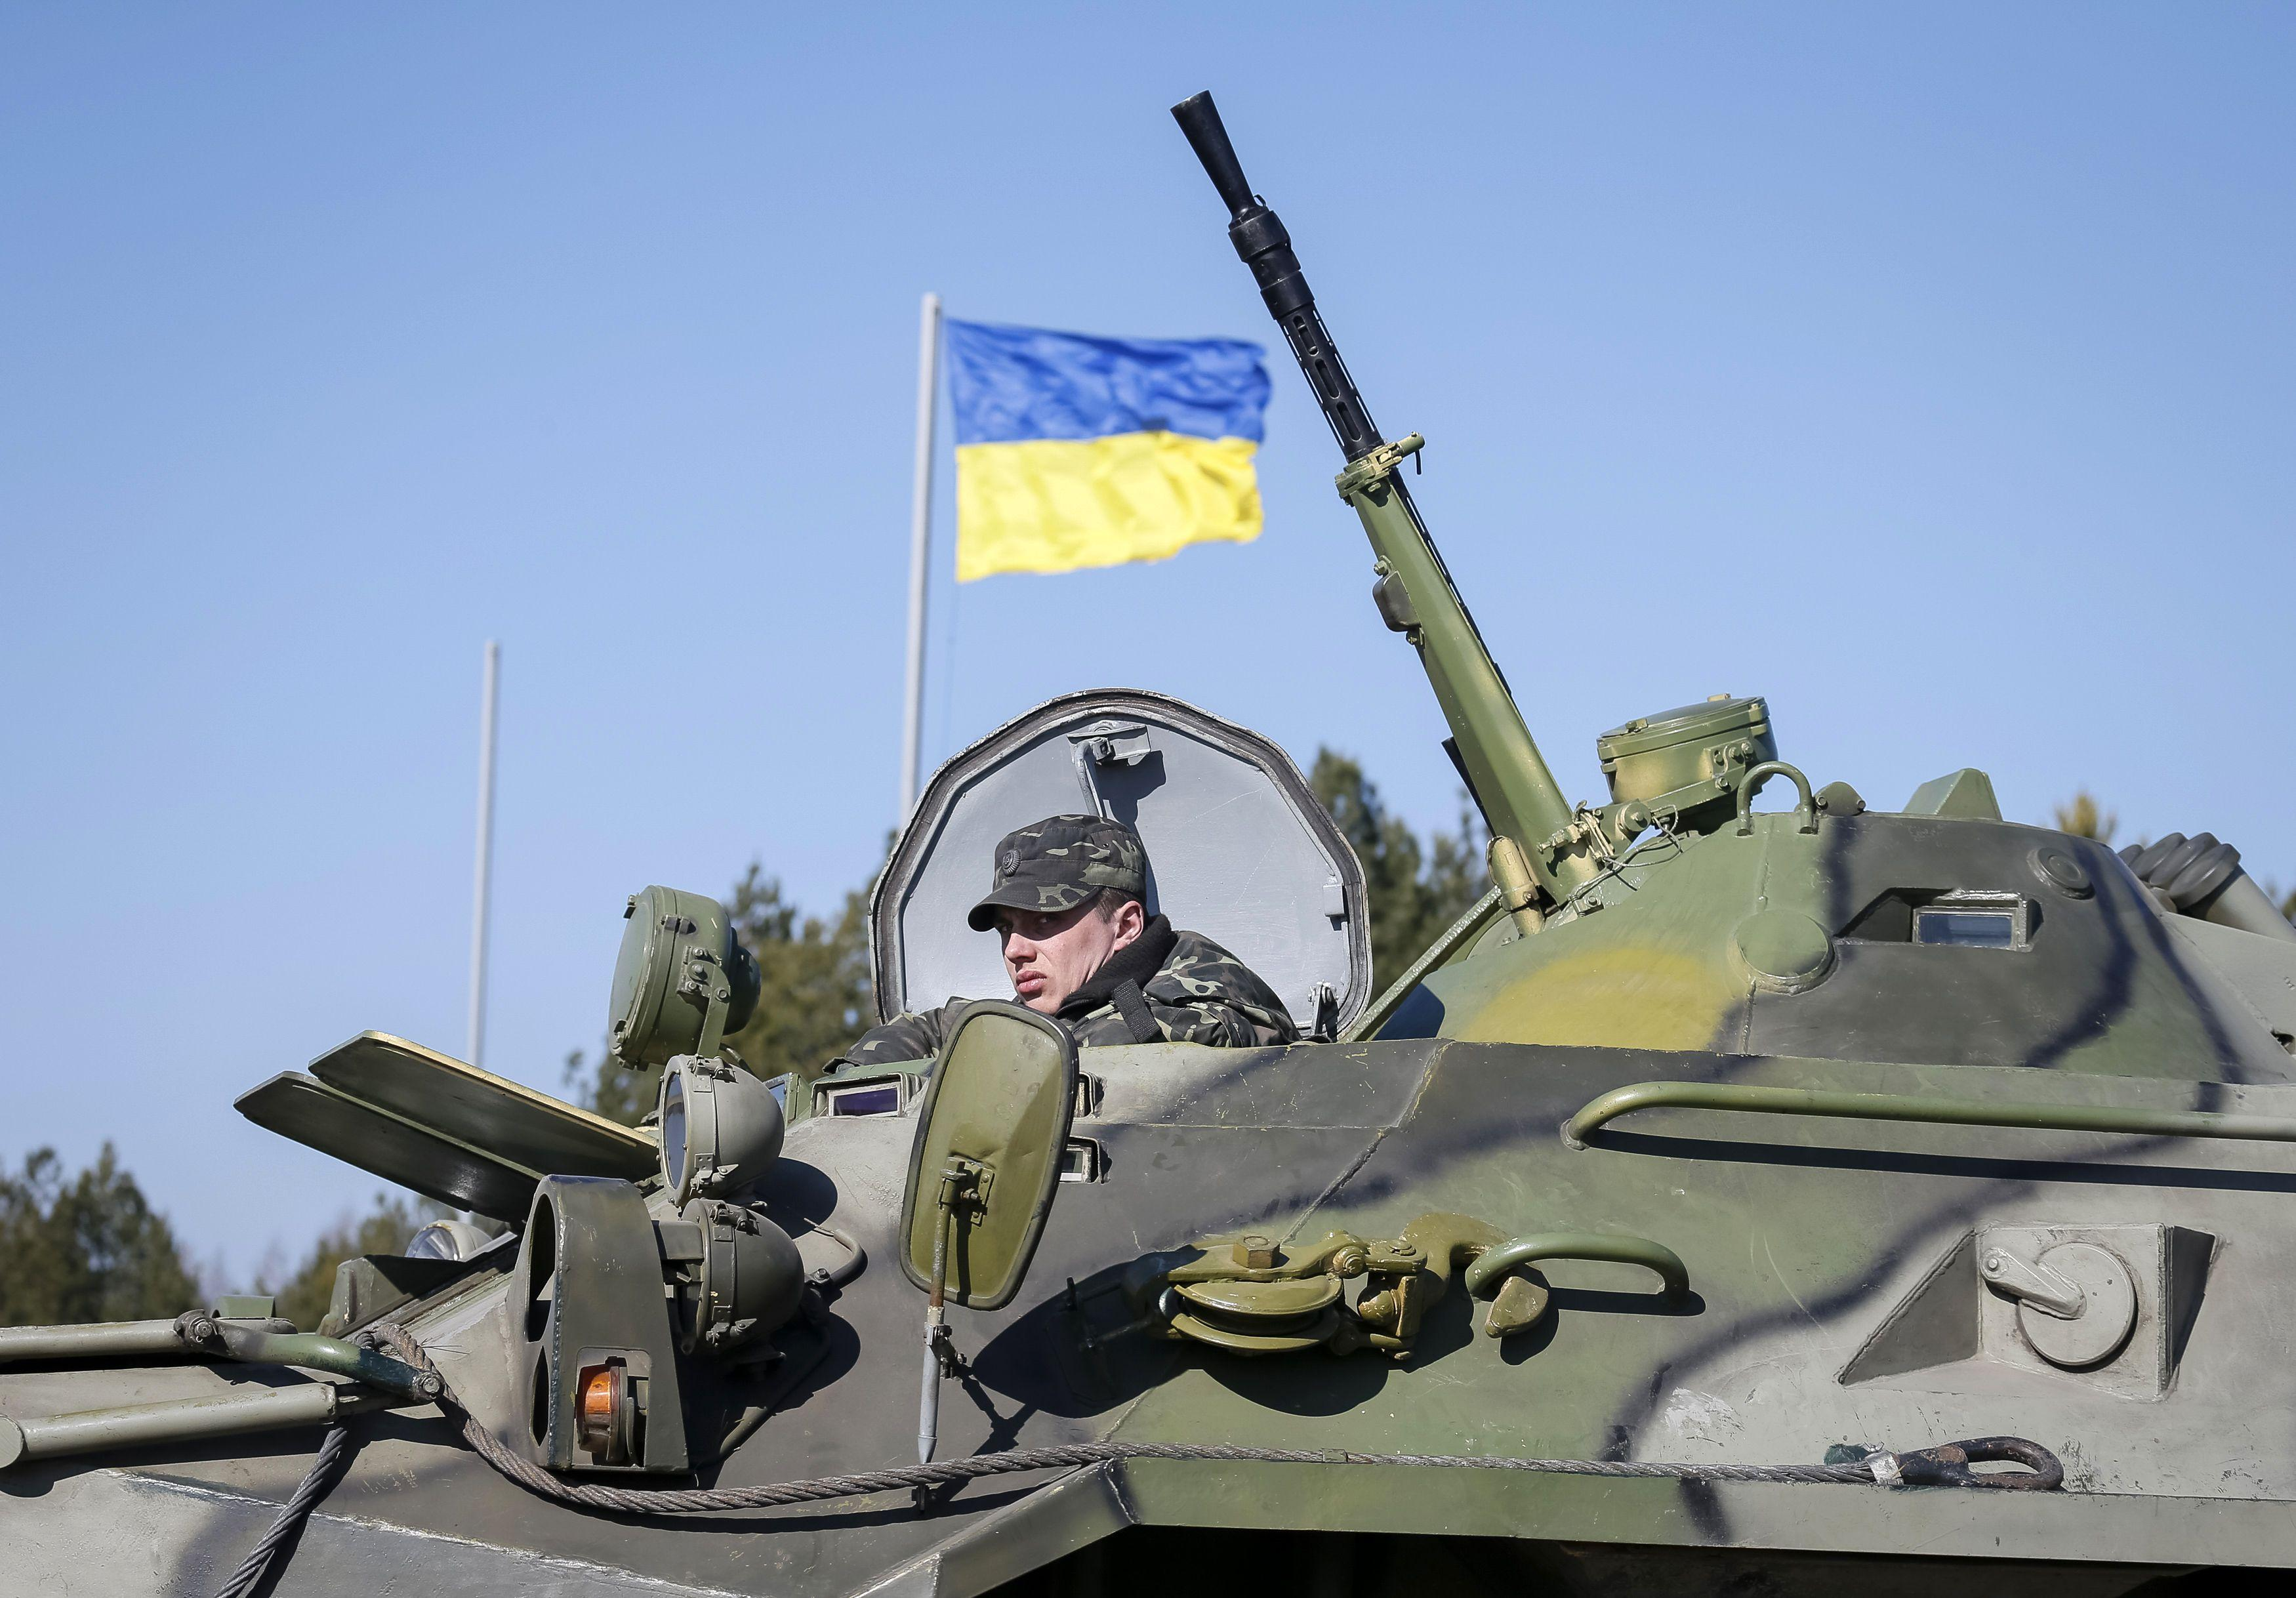 Украинские военные сбили беспилотник, пролетавший над территорией части ВСУ